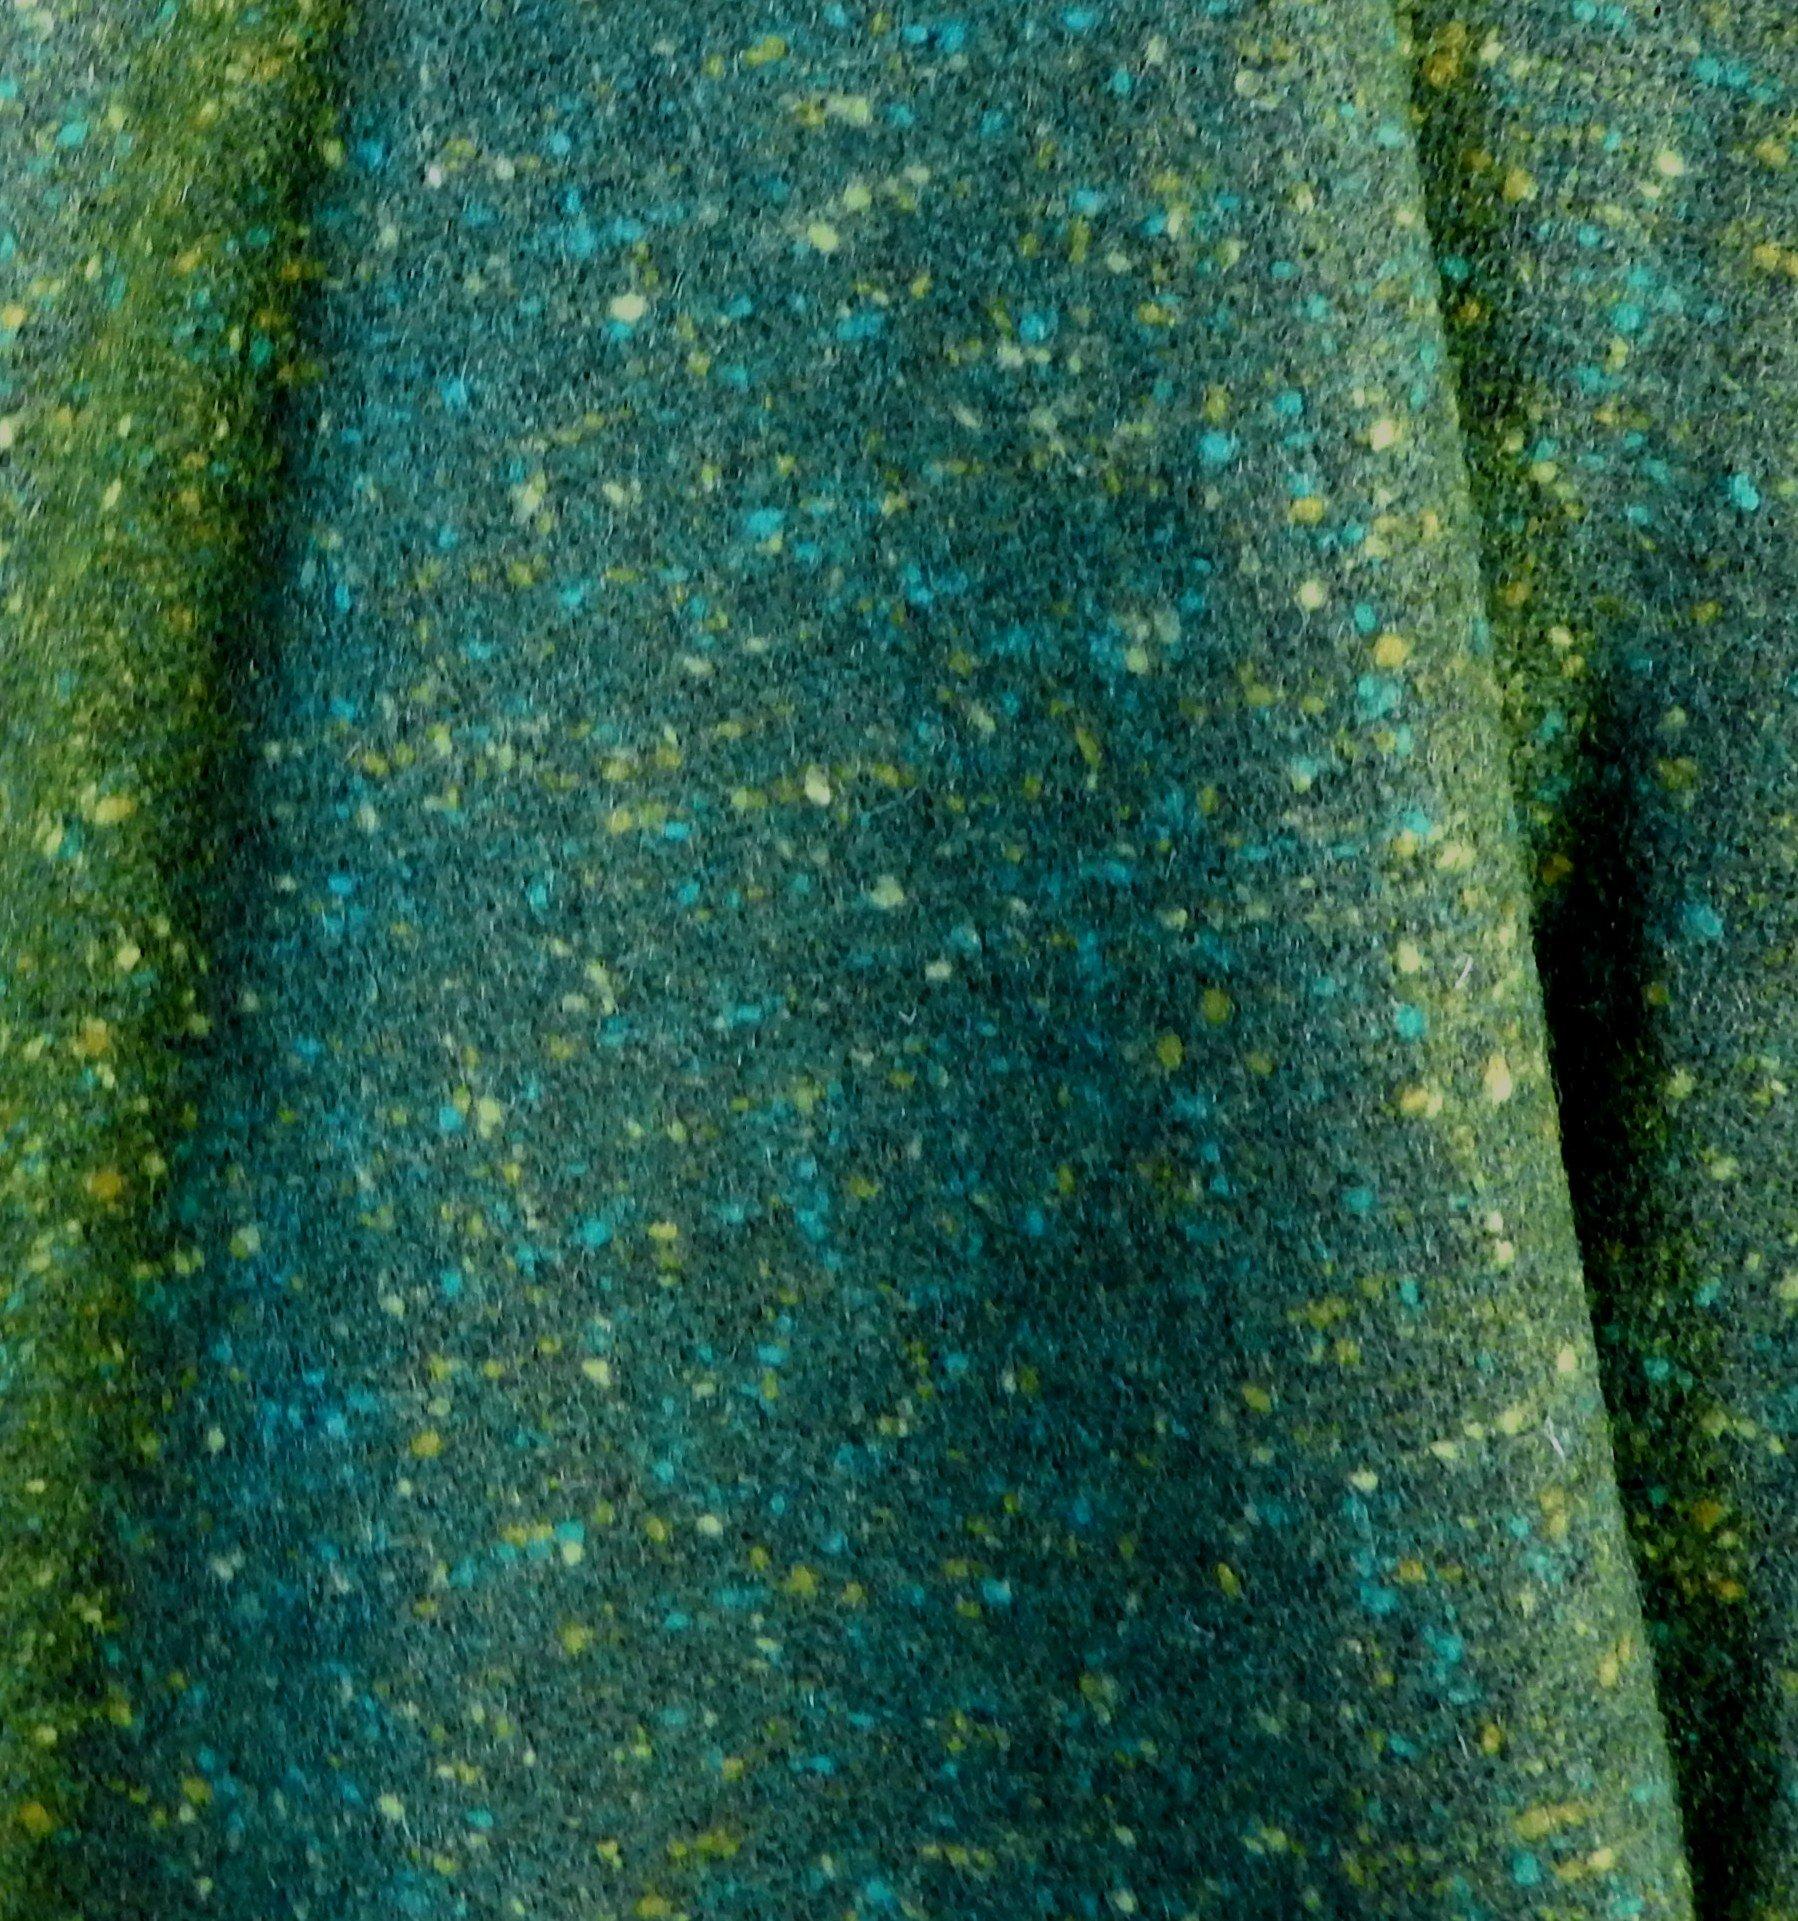 Drap de laine tweed vert [style anglais]